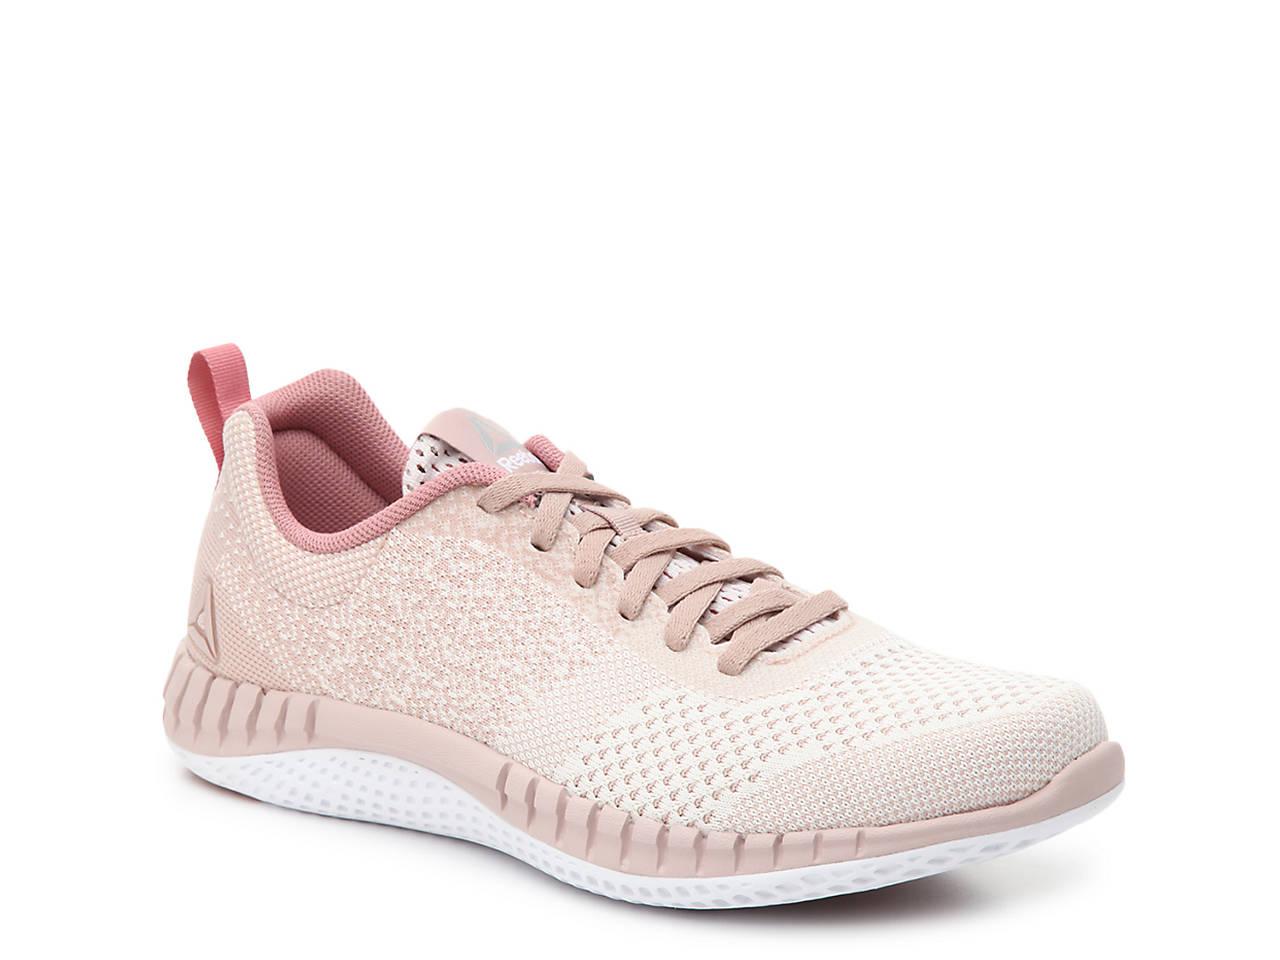 Reebok ZPrint Run Prime Lightweight Running Shoe - Women s Women s ... 3c2d14dac